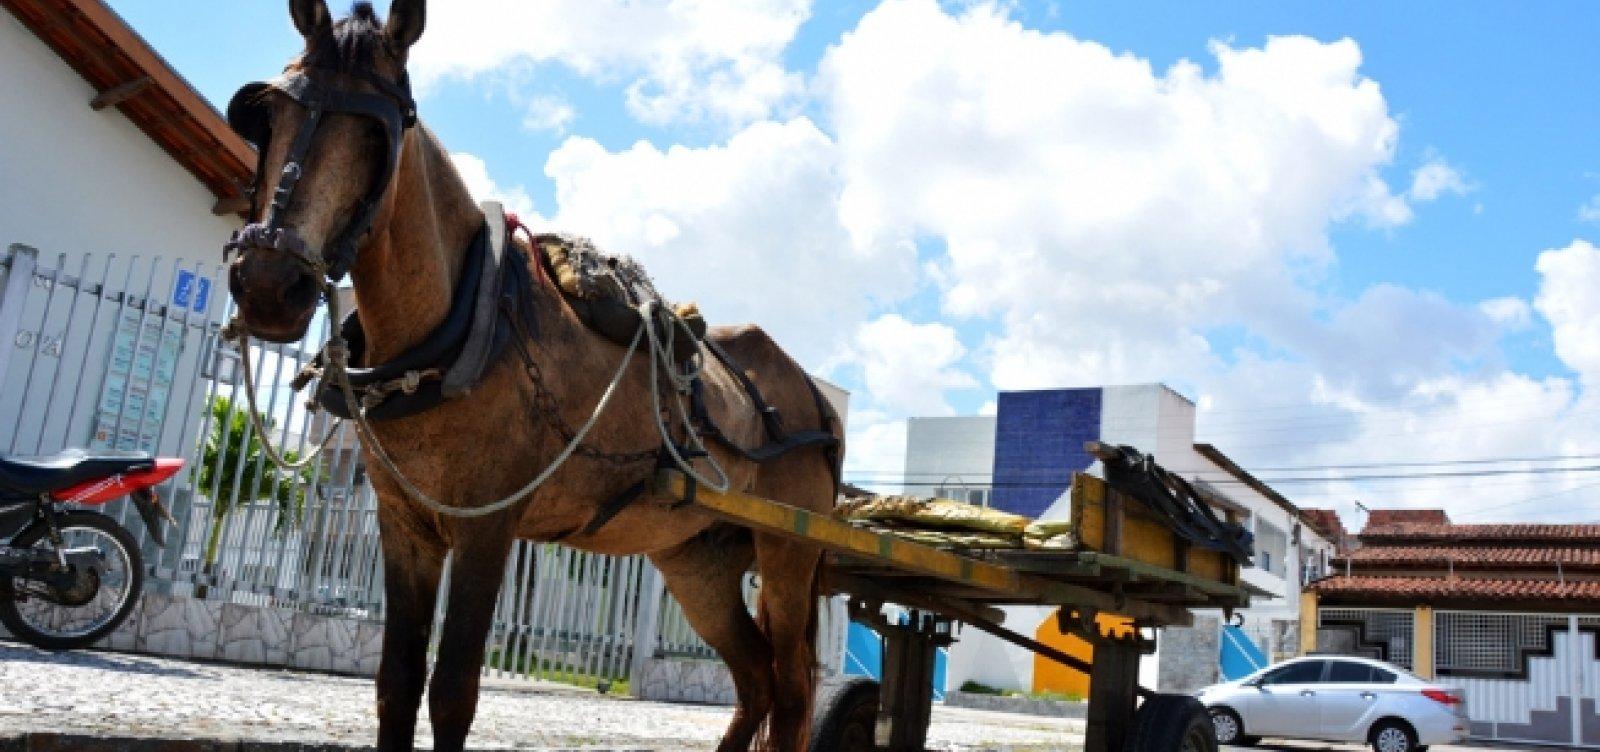 Após convênio, carroceiros de Feira de Santana poderão trocar animal por moto adaptada